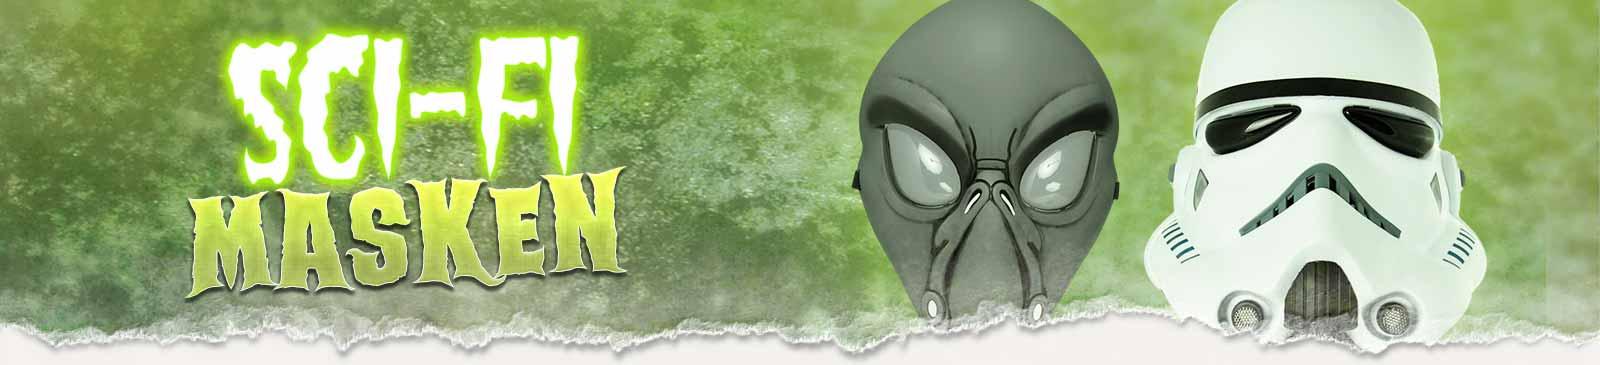 Science Fiction Masken